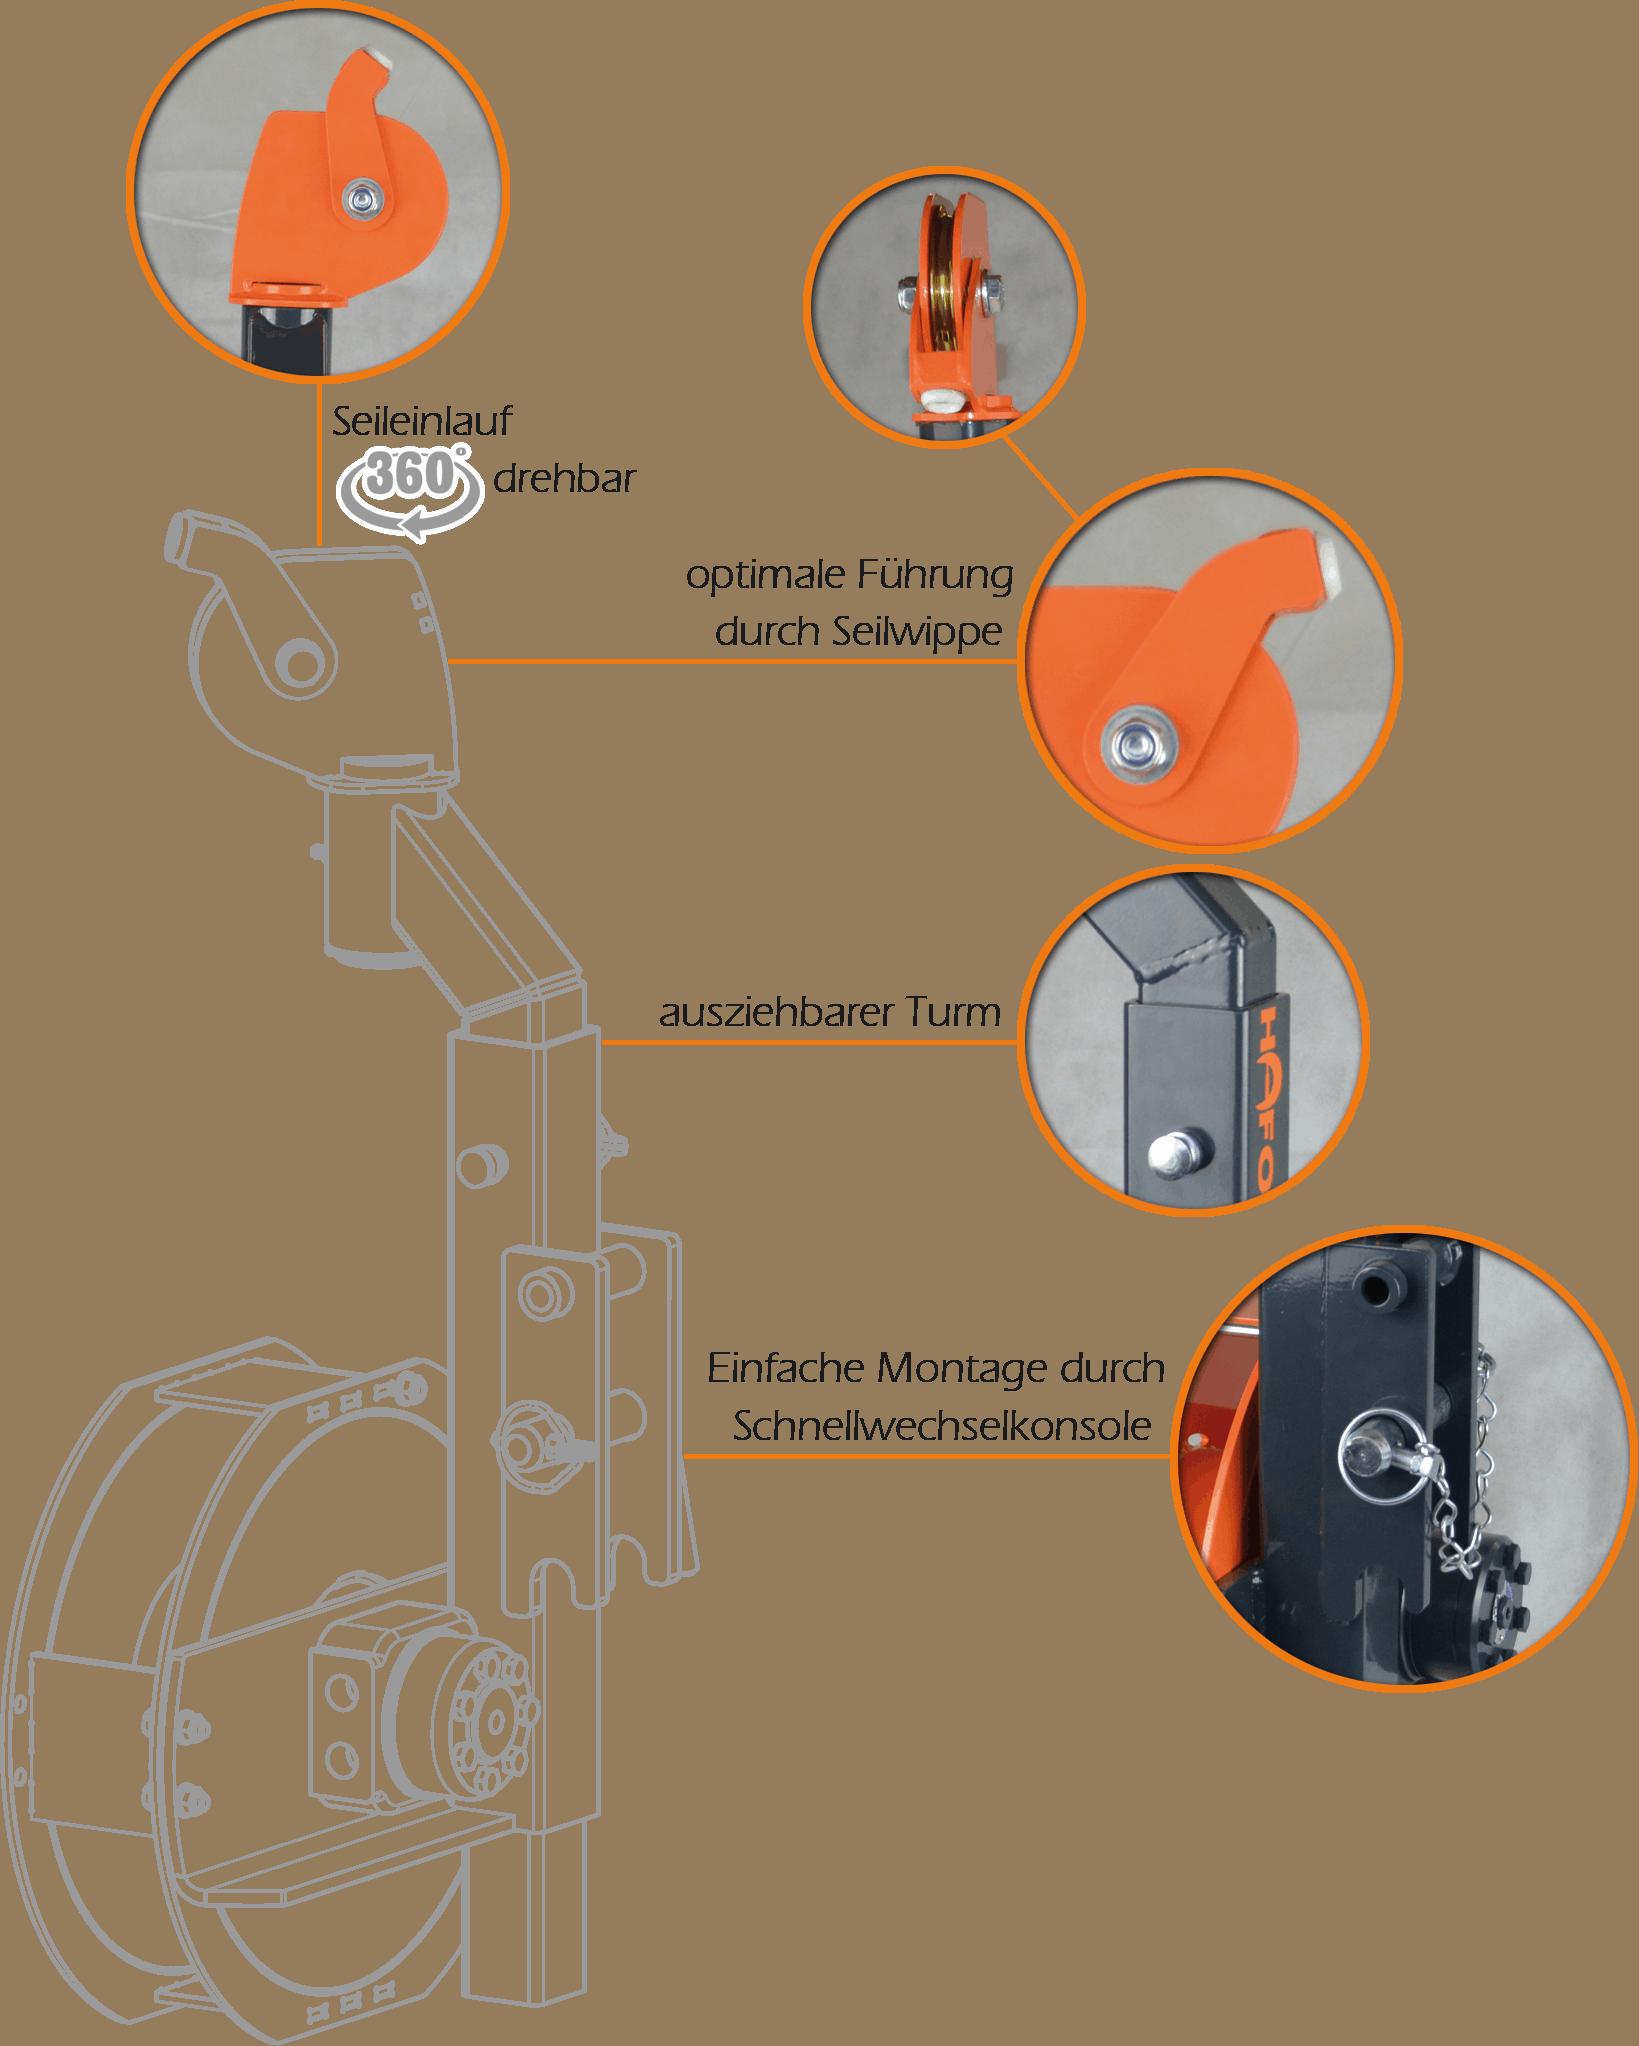 Detaillerte Darstellung (inklusvive Beschreibung der einzelnen Elemente) der HAFO Hilfswinde